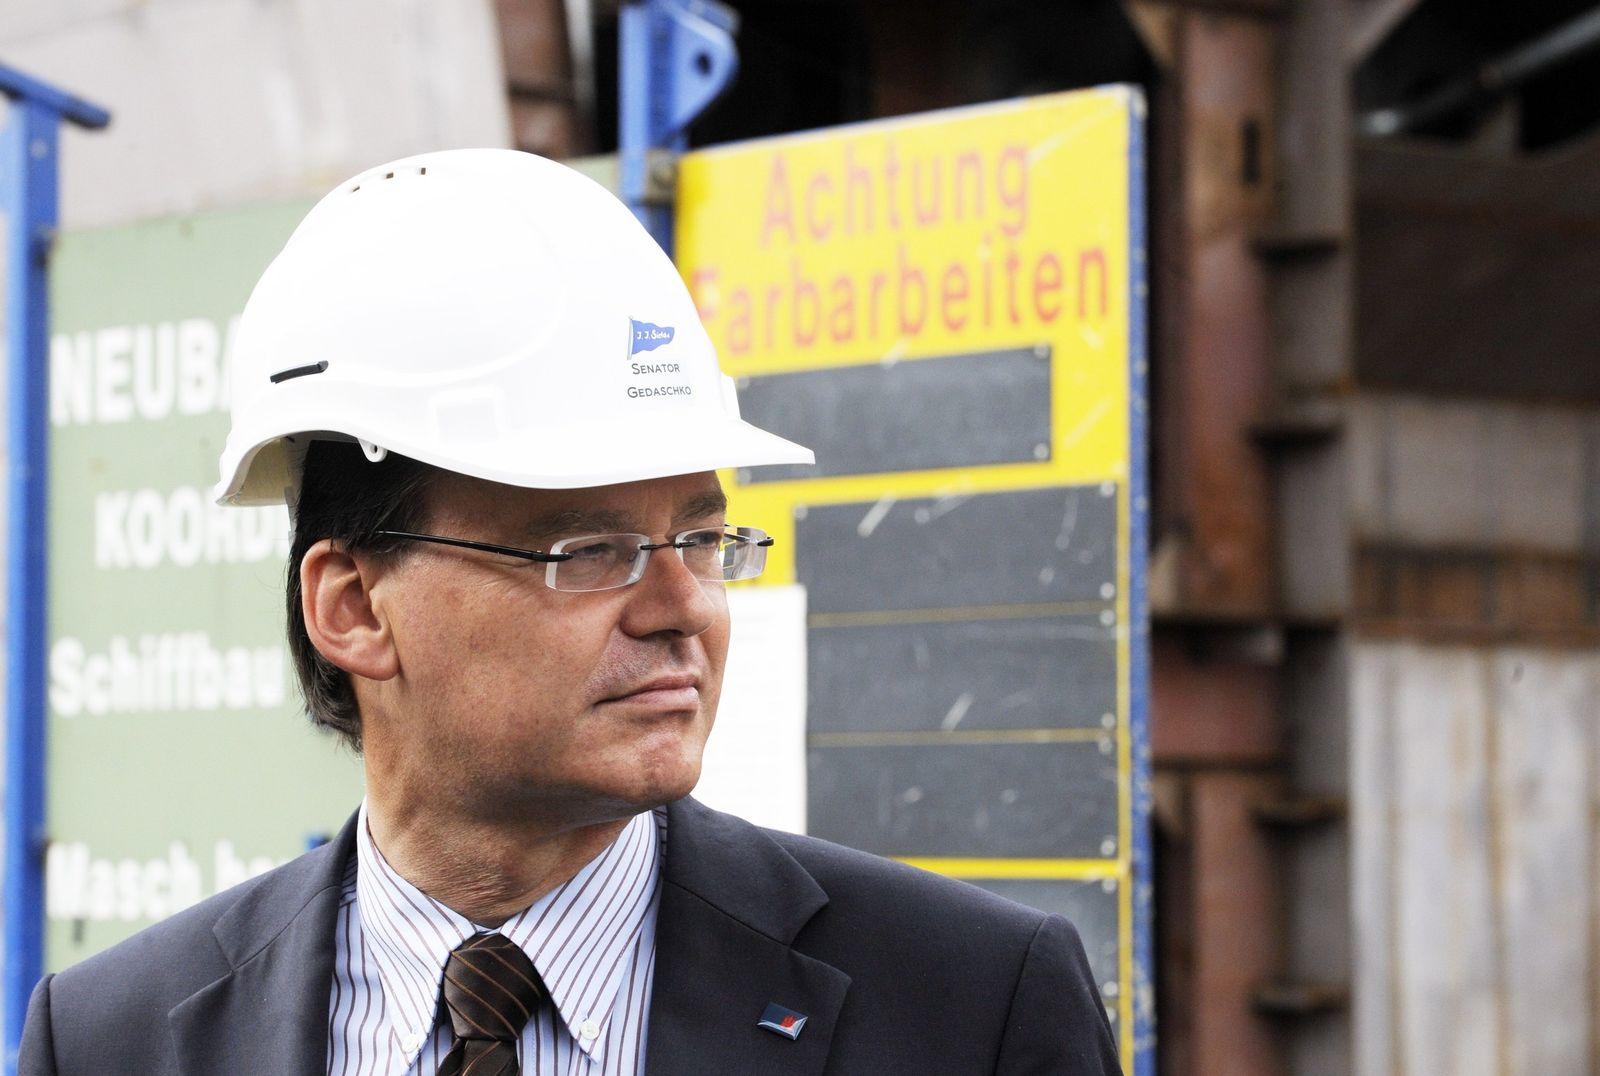 Wirtschaftssenator Axel Gedaschko